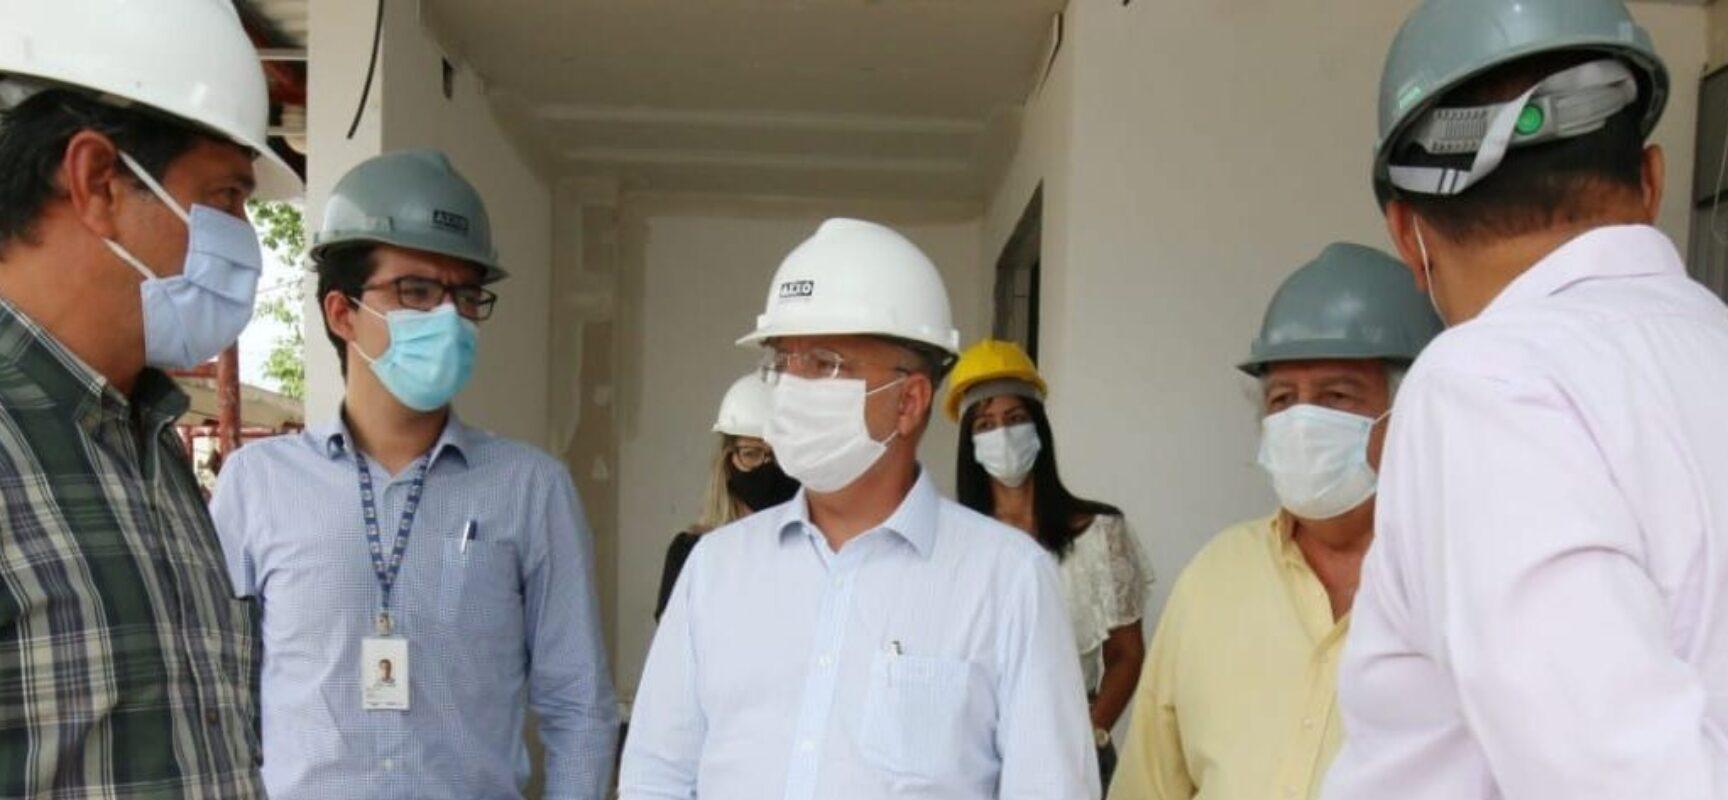 Hospital Materno-Infantil em Ilhéus será inaugurado em abril